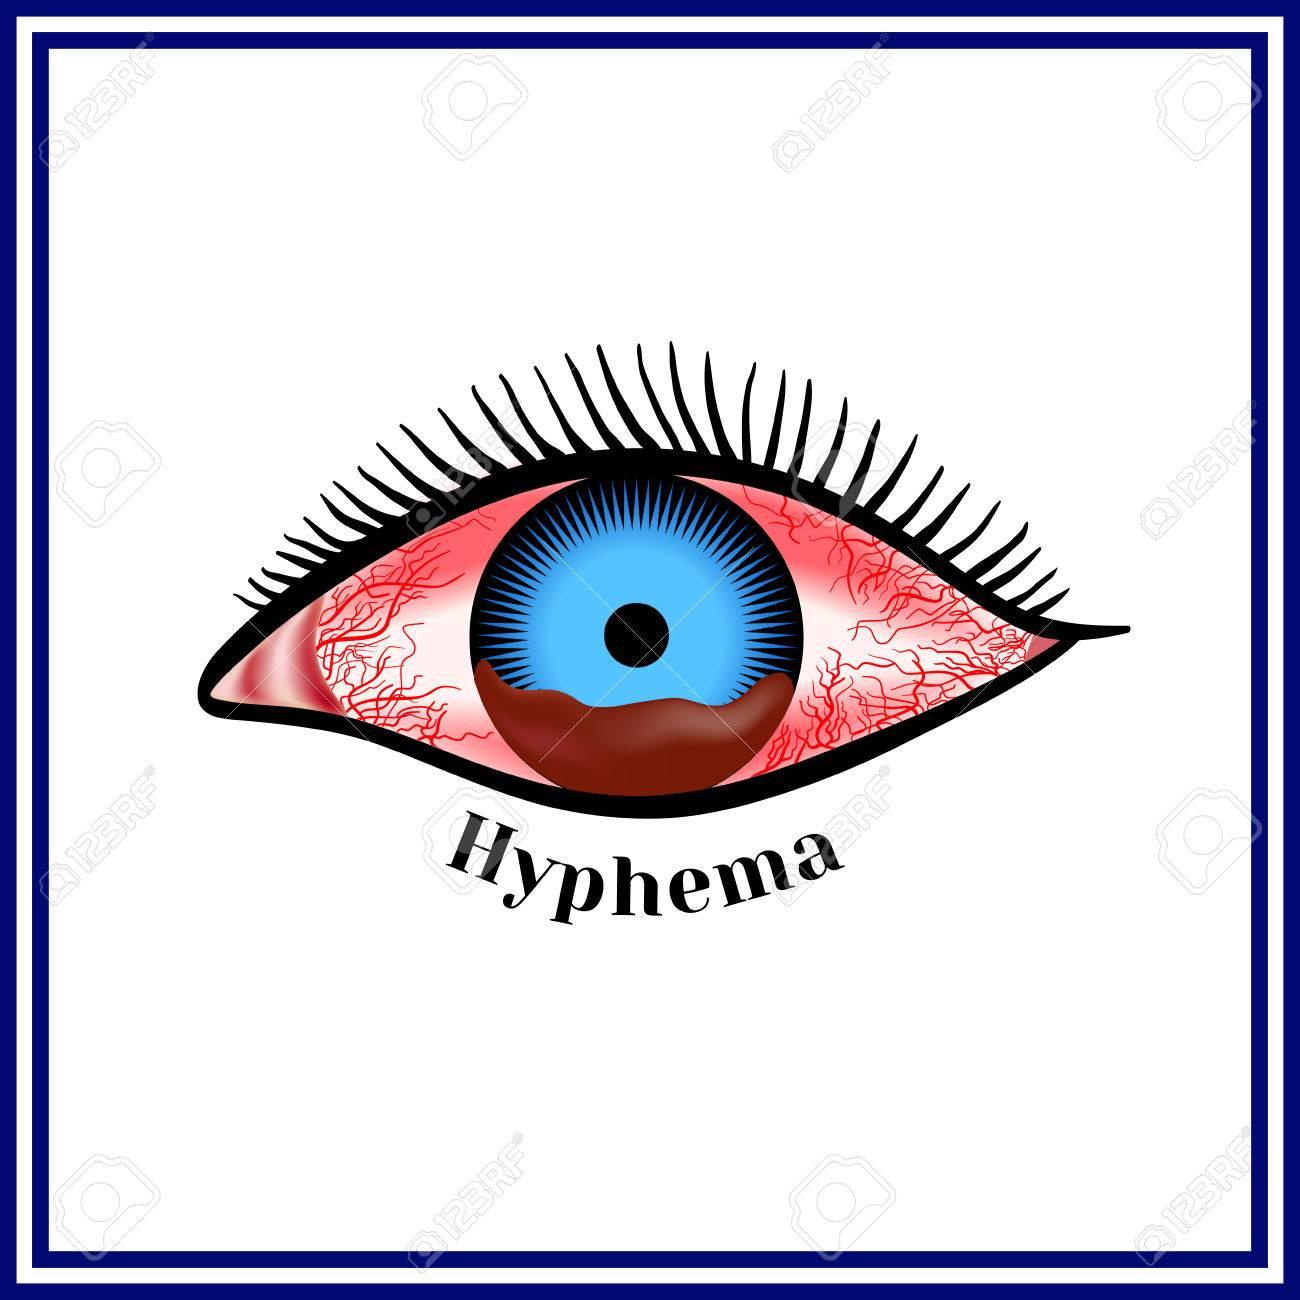 Hifema - Hemorragia En La Cámara Anterior Del Ojo. Ilustraciones ...